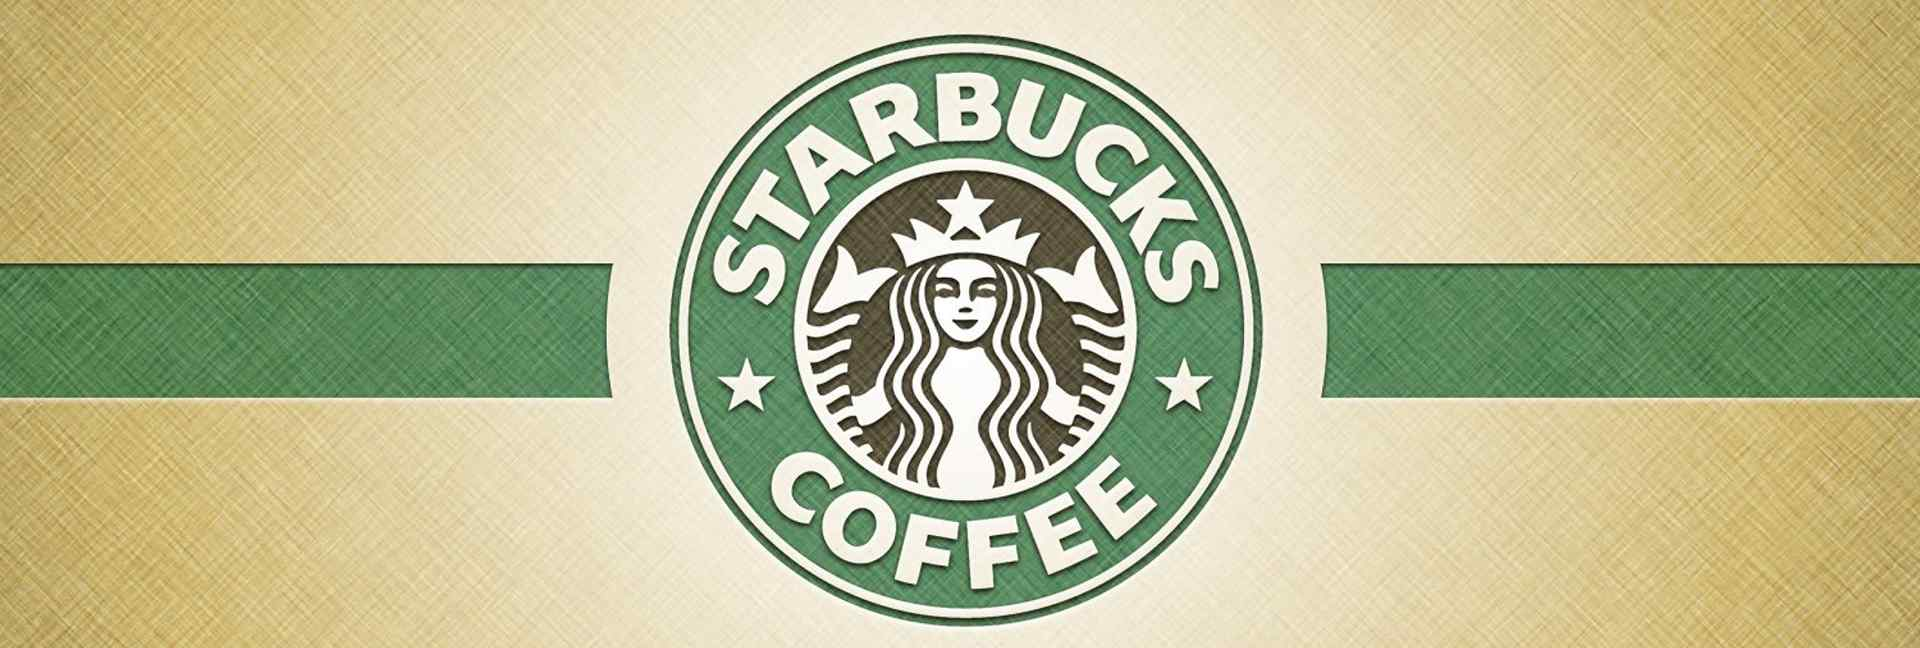 星巴克咖啡_星巴克logo图片_星巴克甜点、咖啡_星巴克创意logo图片壁纸